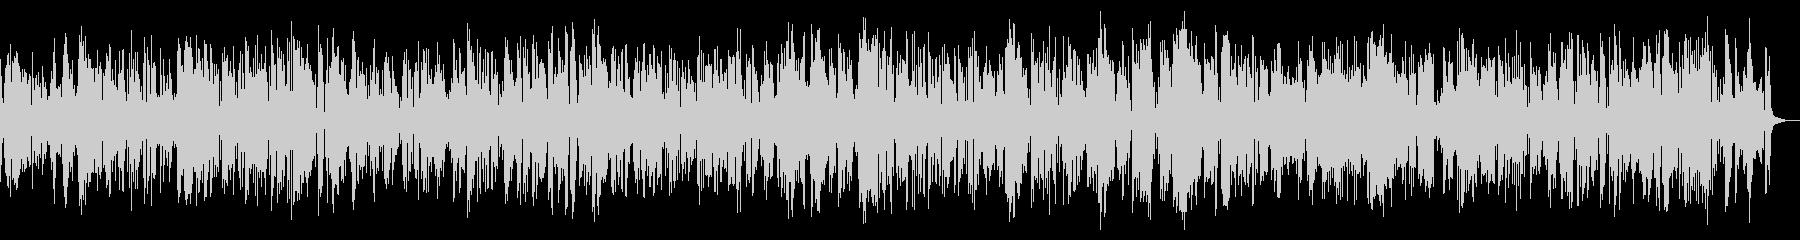 古いクラリネットのディキシーランドジャズの未再生の波形